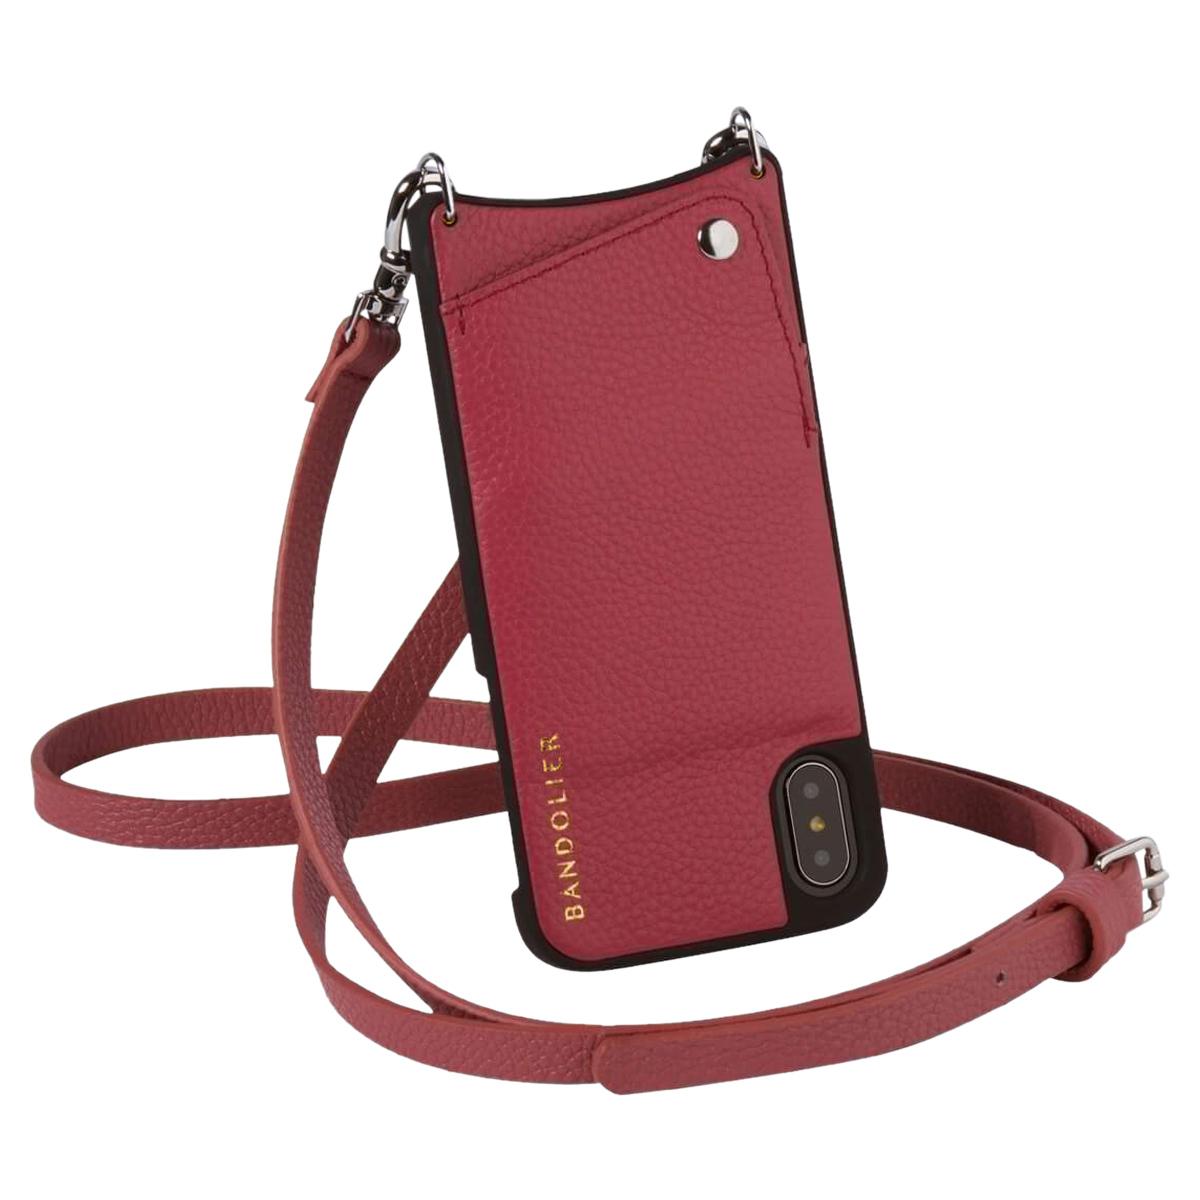 BANDOLIER iPhone 6 6s 7 8 Plus EMMA MAGENTA RED バンドリヤー ケース ショルダー スマホ アイフォン レザー メンズ レディース マゼンタ レッド 10EMM1001 [191]